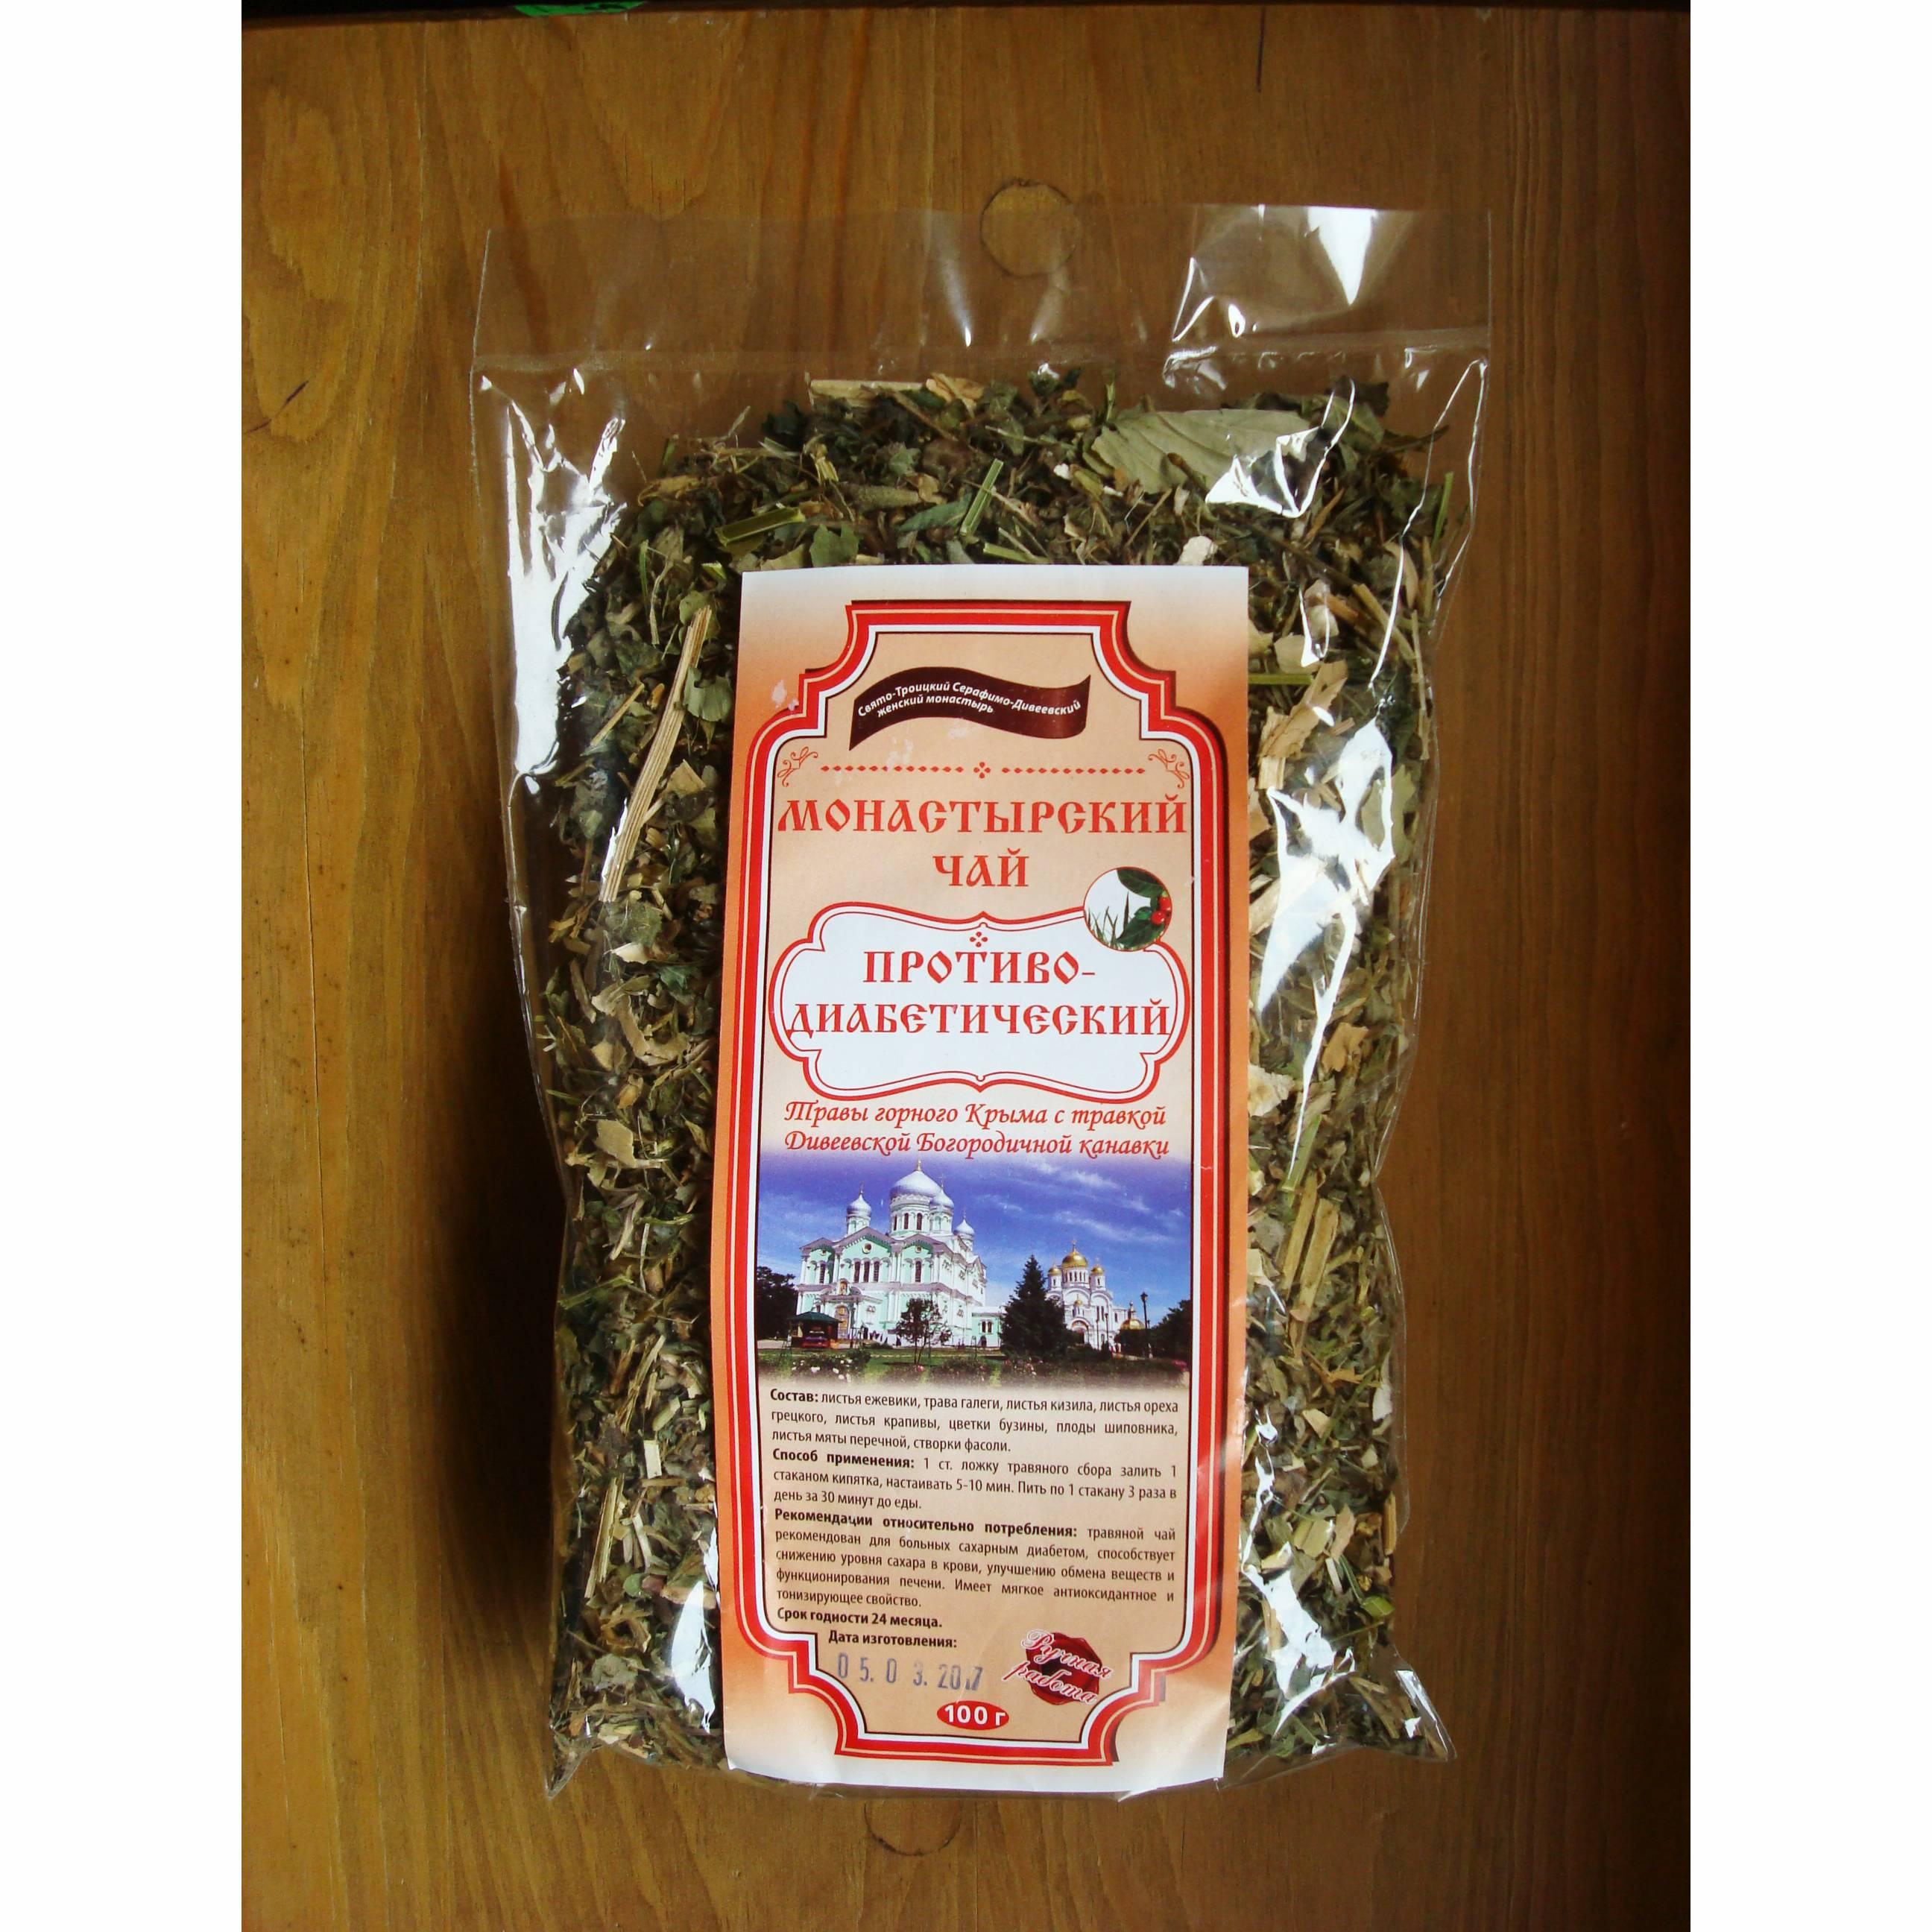 Монастырский чай: свойства, состав, показания к применению